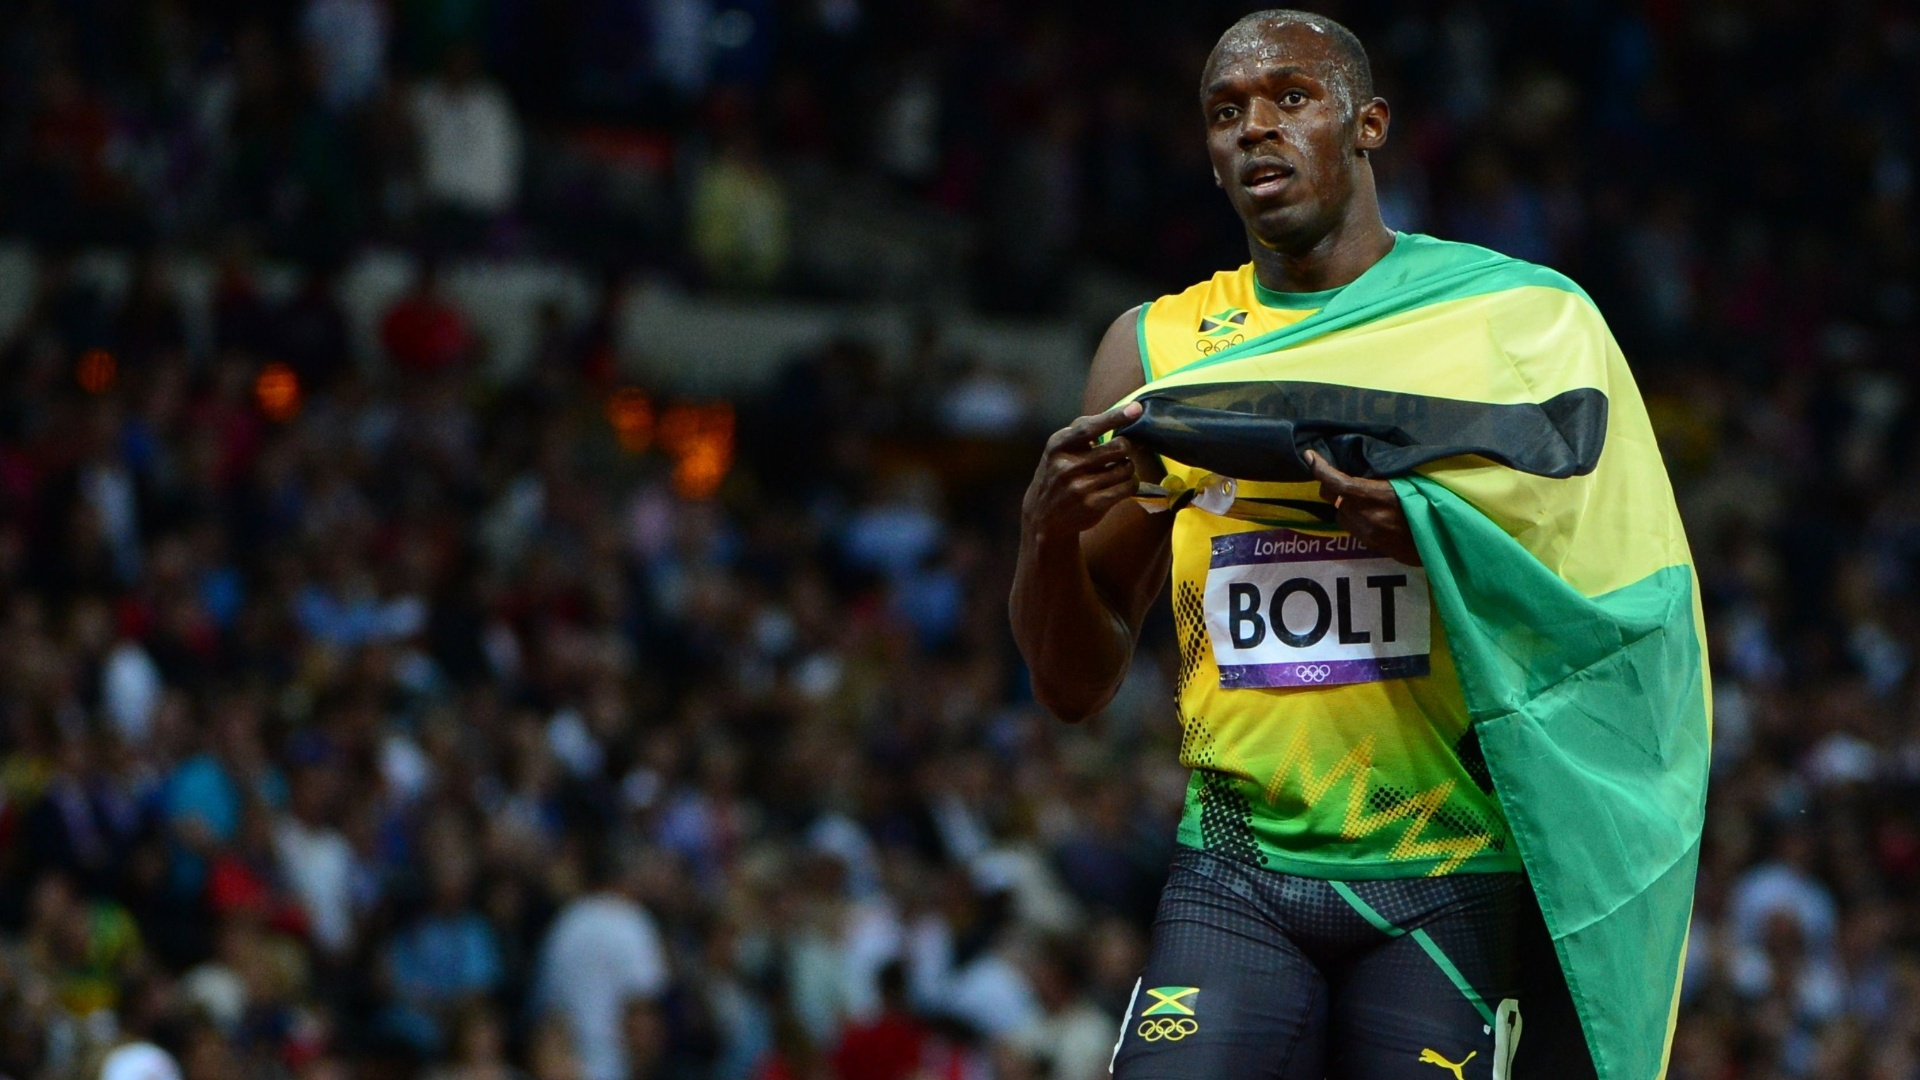 Usain Bolt carrega bandeira jamaicana após se tornar bicampeão olímpico dos 100 m rasos